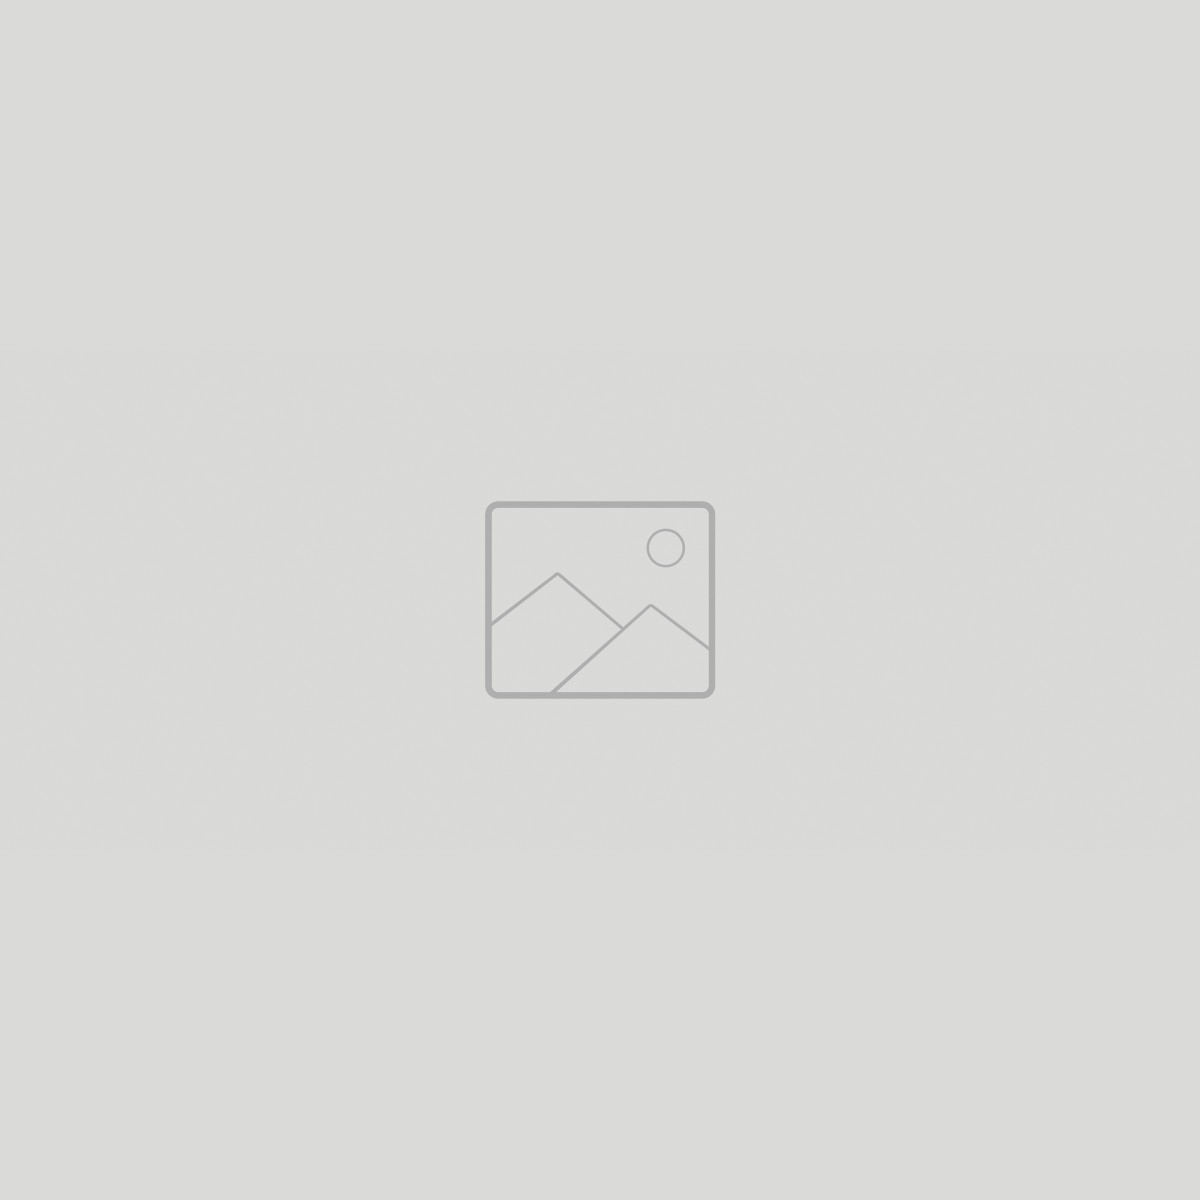 كبل شحن سريع ميكرو سايروكس/2.0 أمبير/1 متر/ C91